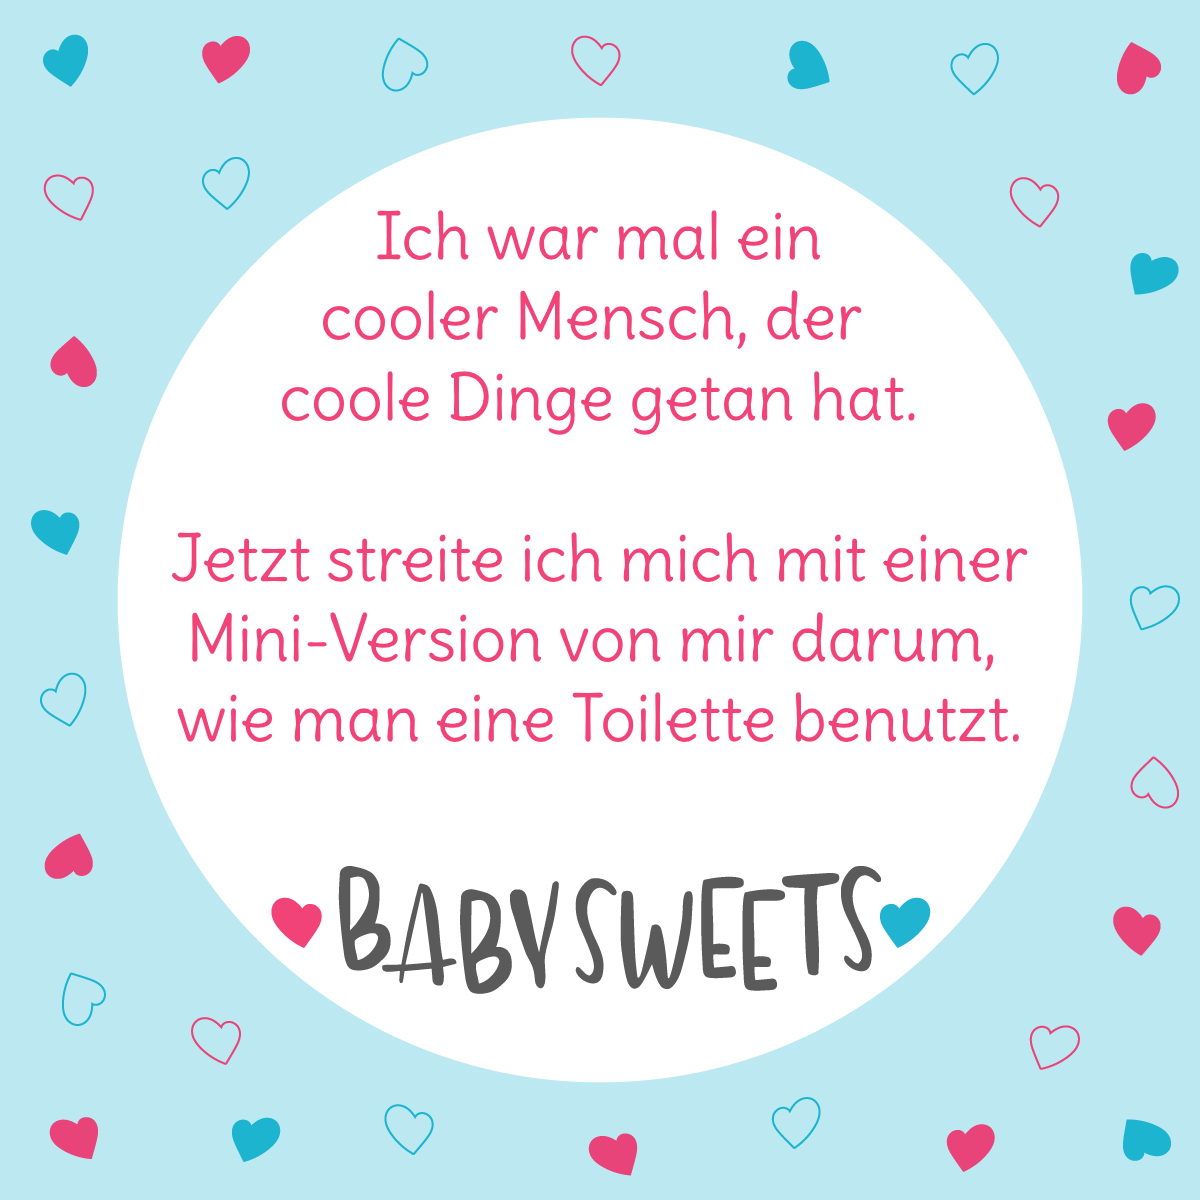 Lustige Spruche Und Niedliche Babysachen Bei Baby Sweets Babyspruch Lustige Spruche Baby Spruche